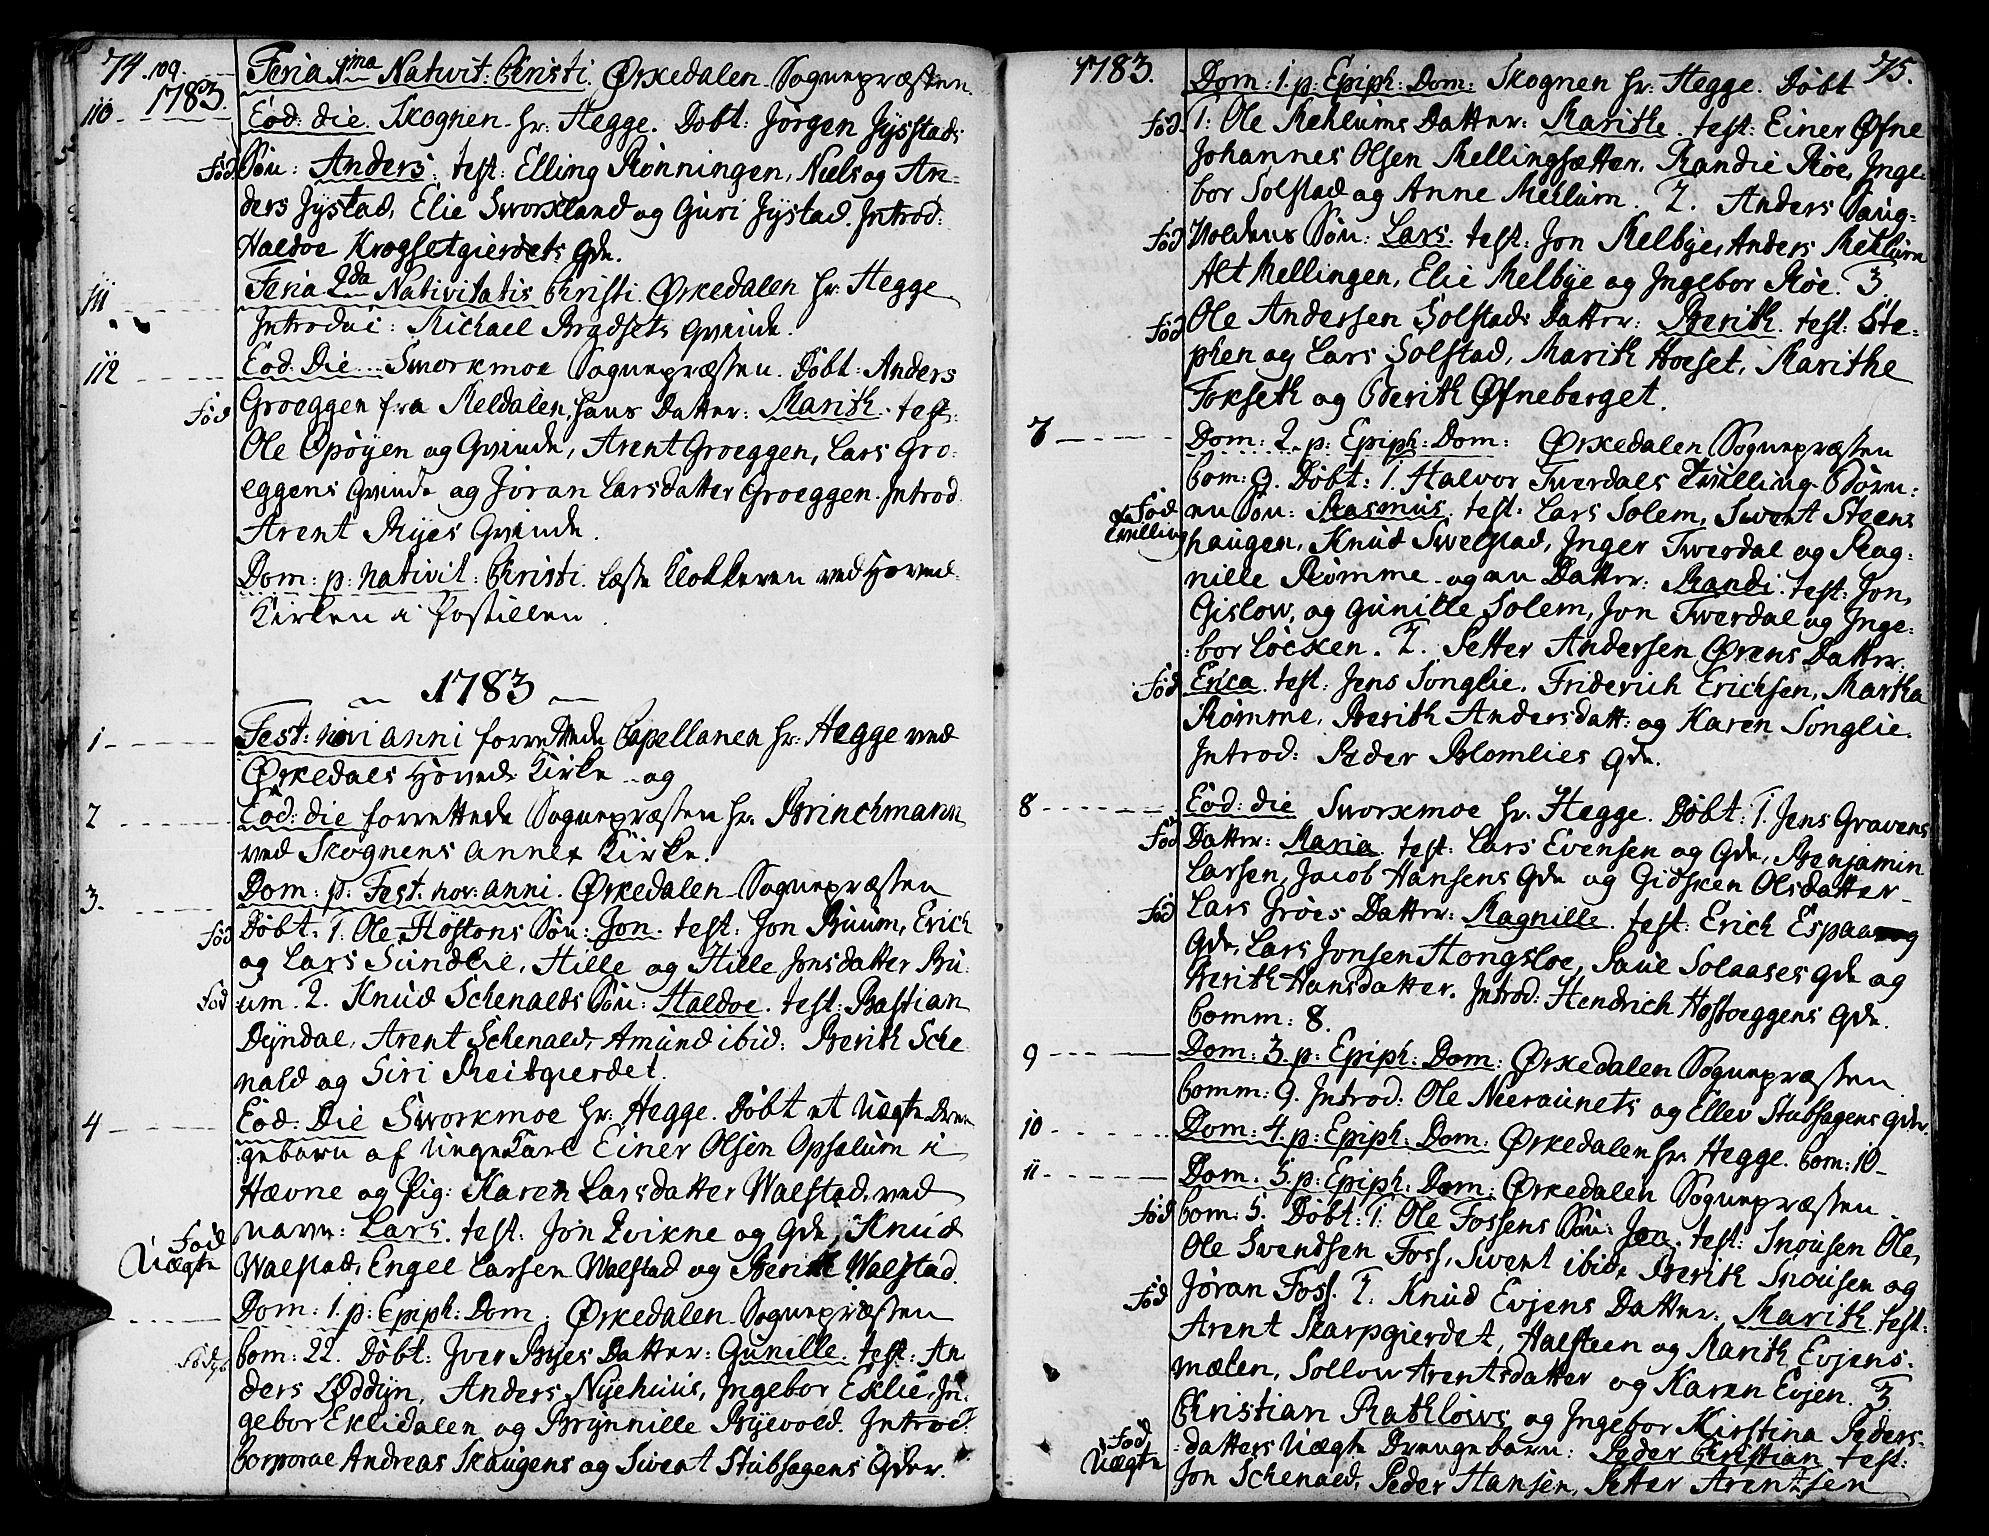 SAT, Ministerialprotokoller, klokkerbøker og fødselsregistre - Sør-Trøndelag, 668/L0802: Ministerialbok nr. 668A02, 1776-1799, s. 74-75